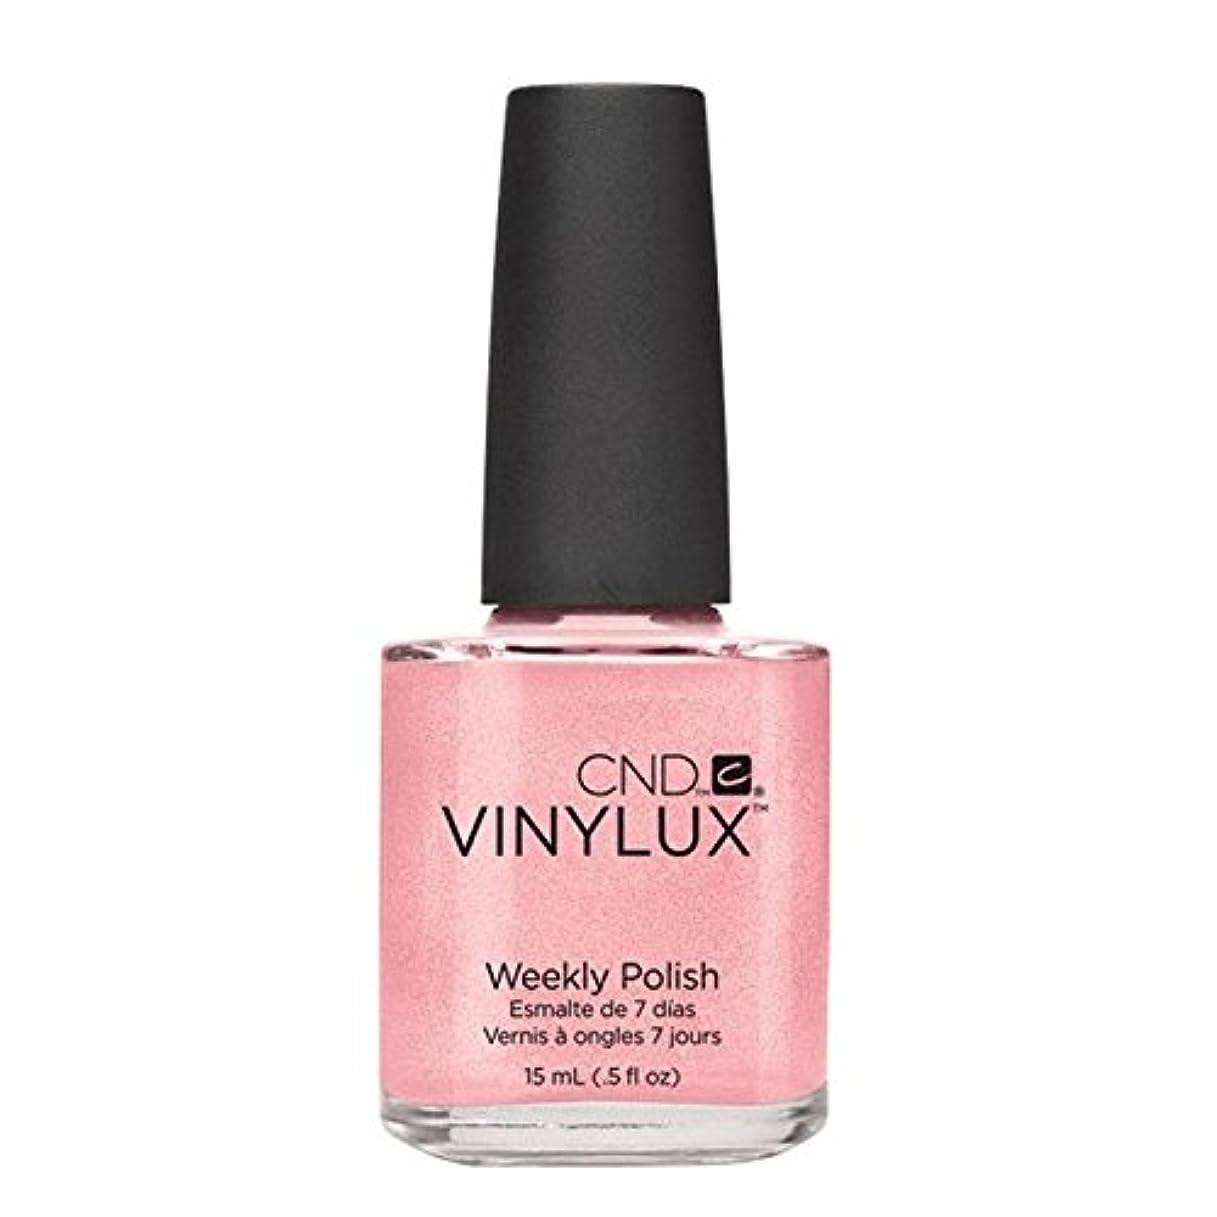 CND Vinylux Manicure Lacquer _  Grapefruit Sparkle #118_15ml (0.5oz)